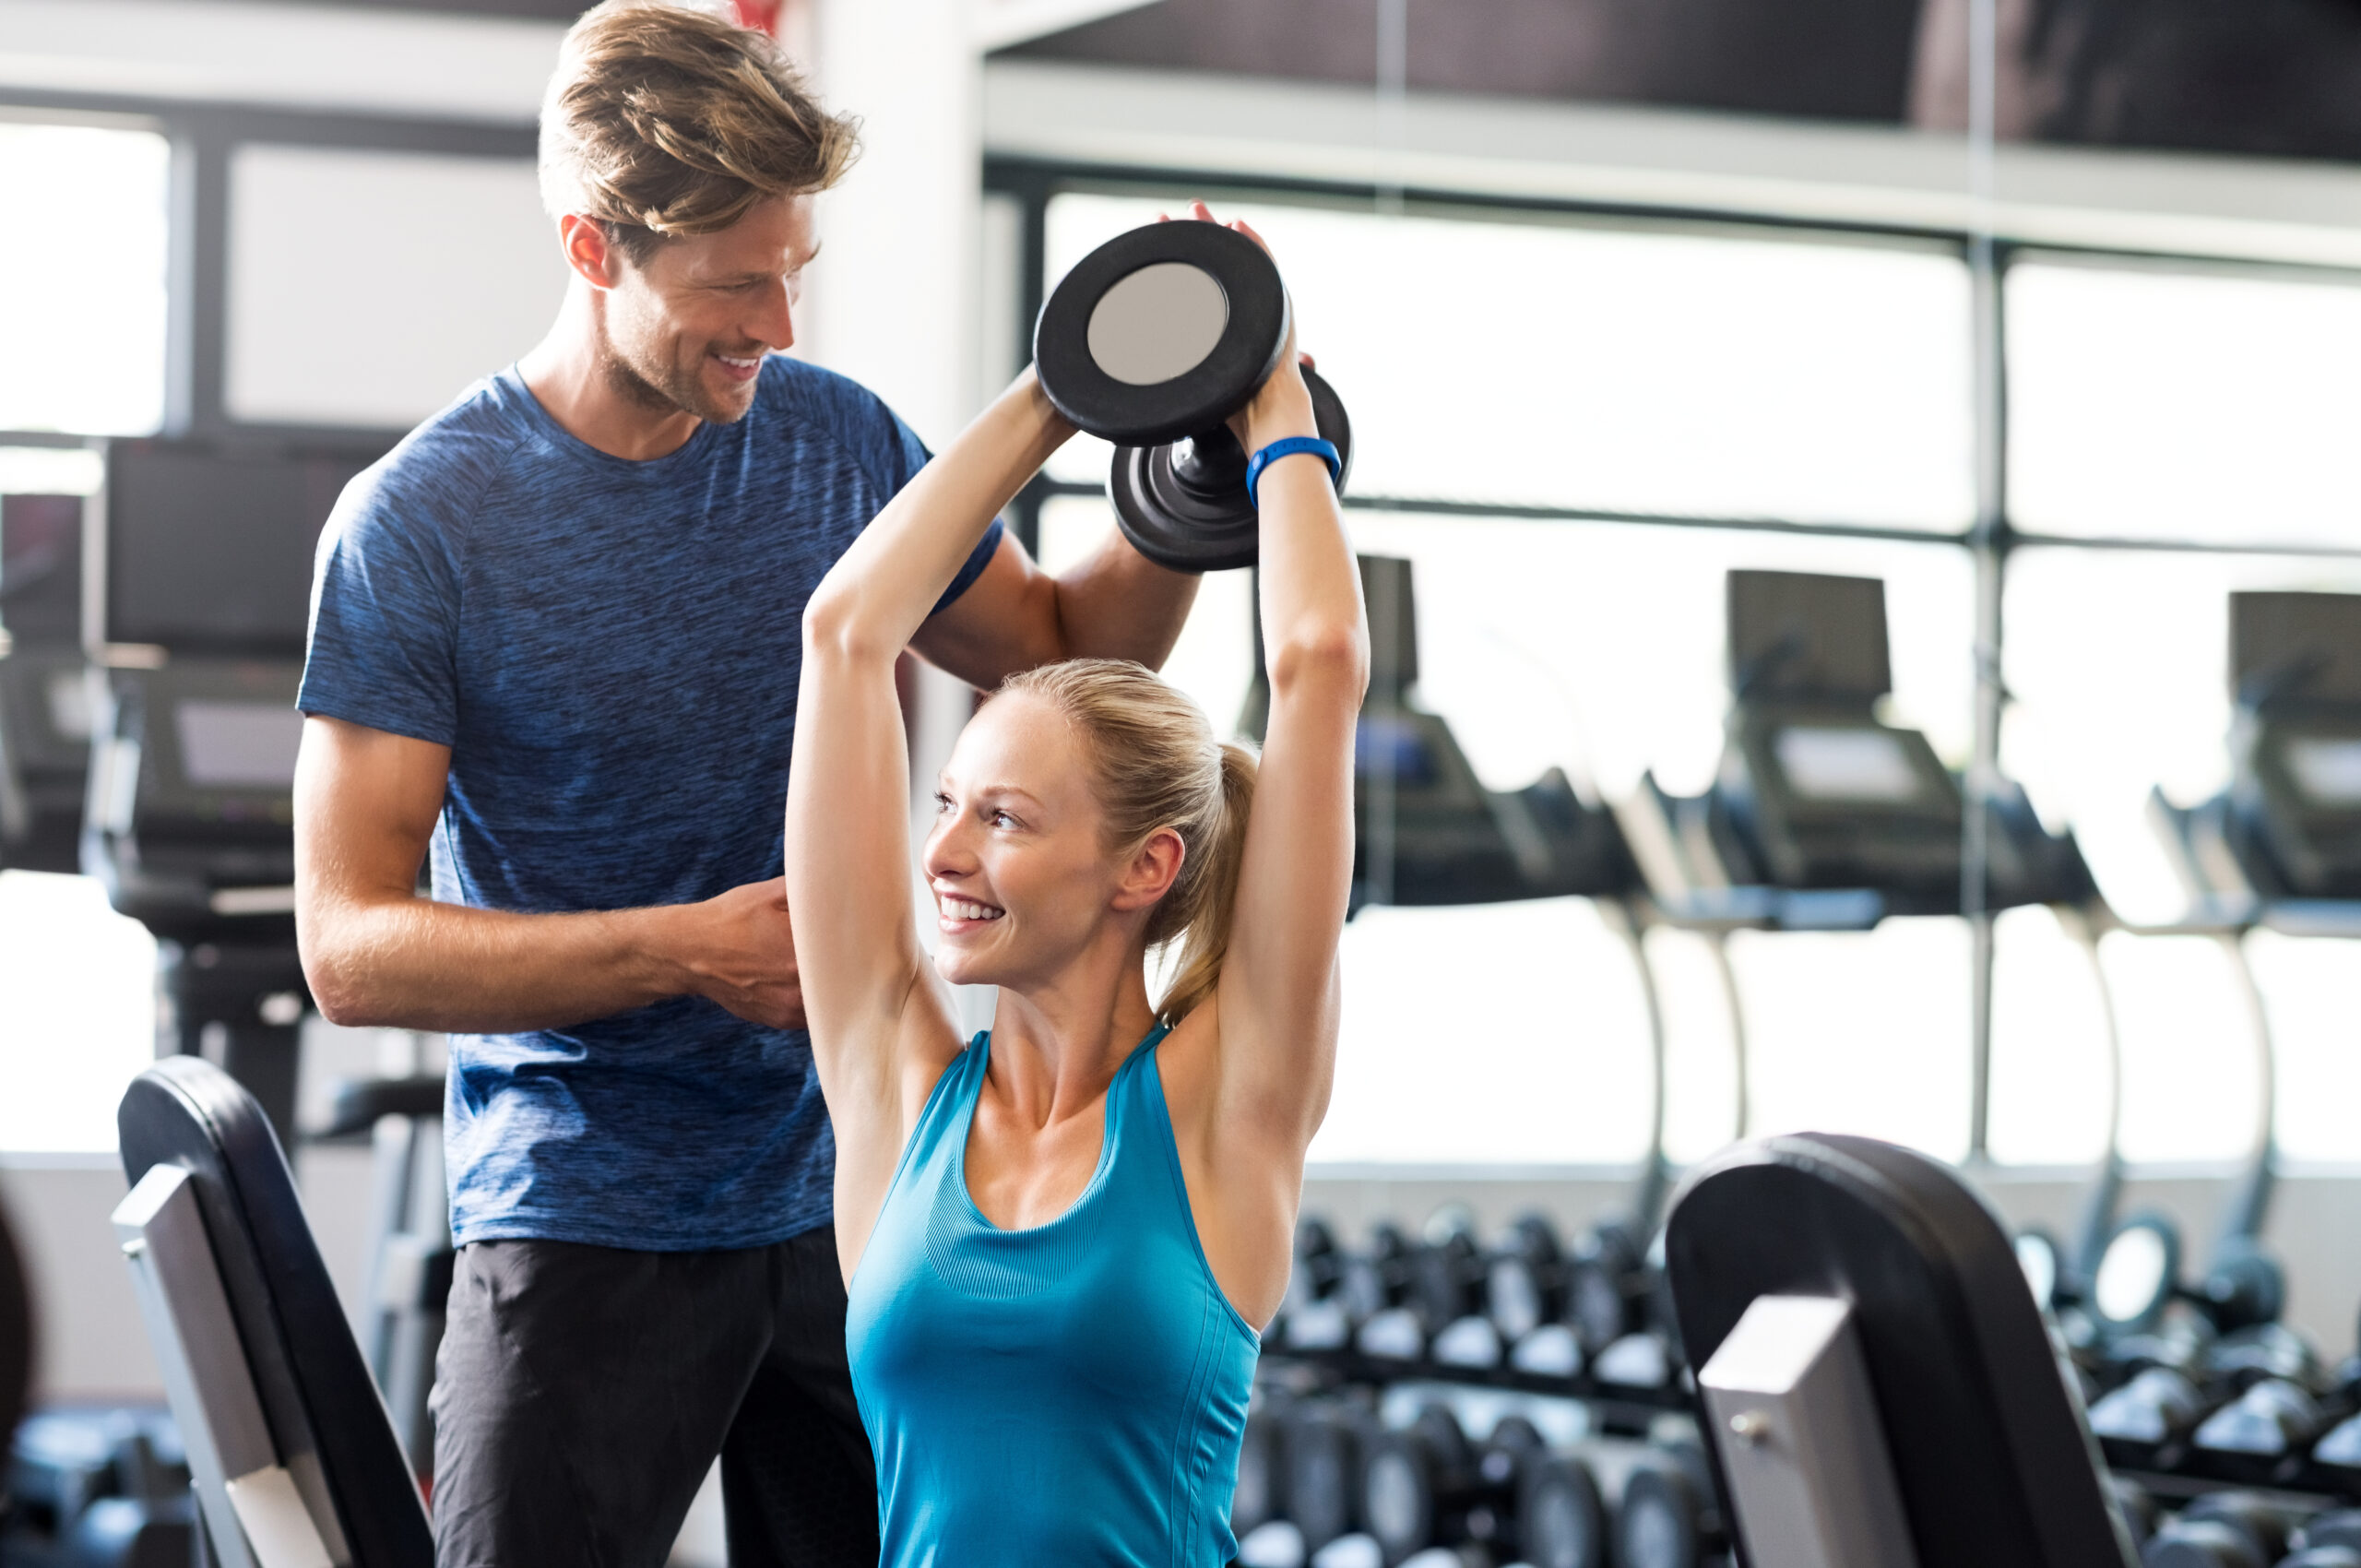 Jak zacząć ćwiczenia na siłowni?